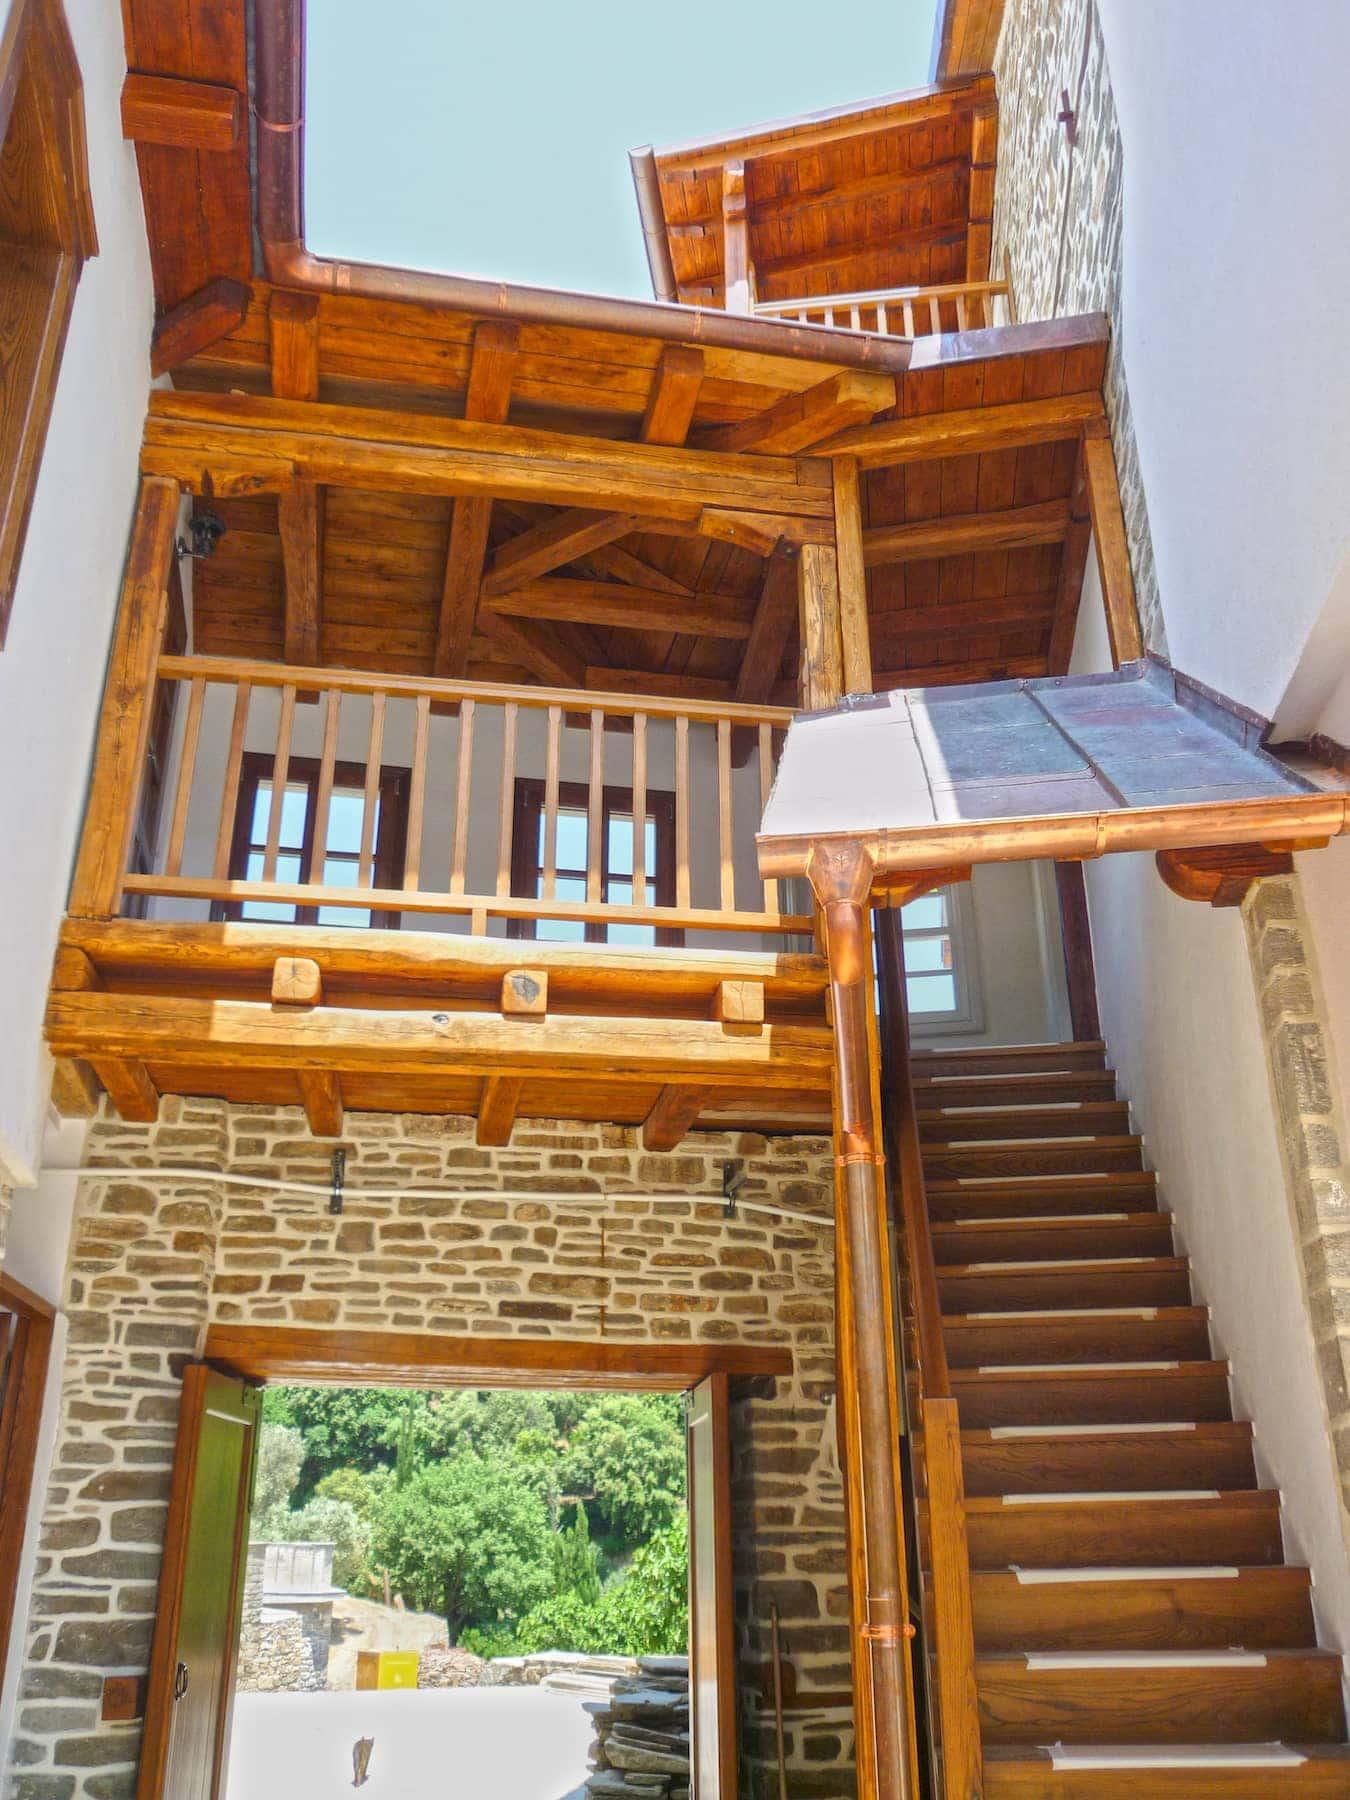 συγκρότημα με ξύλινα κουφώματα και ειδικές κατασκευές ATHOS